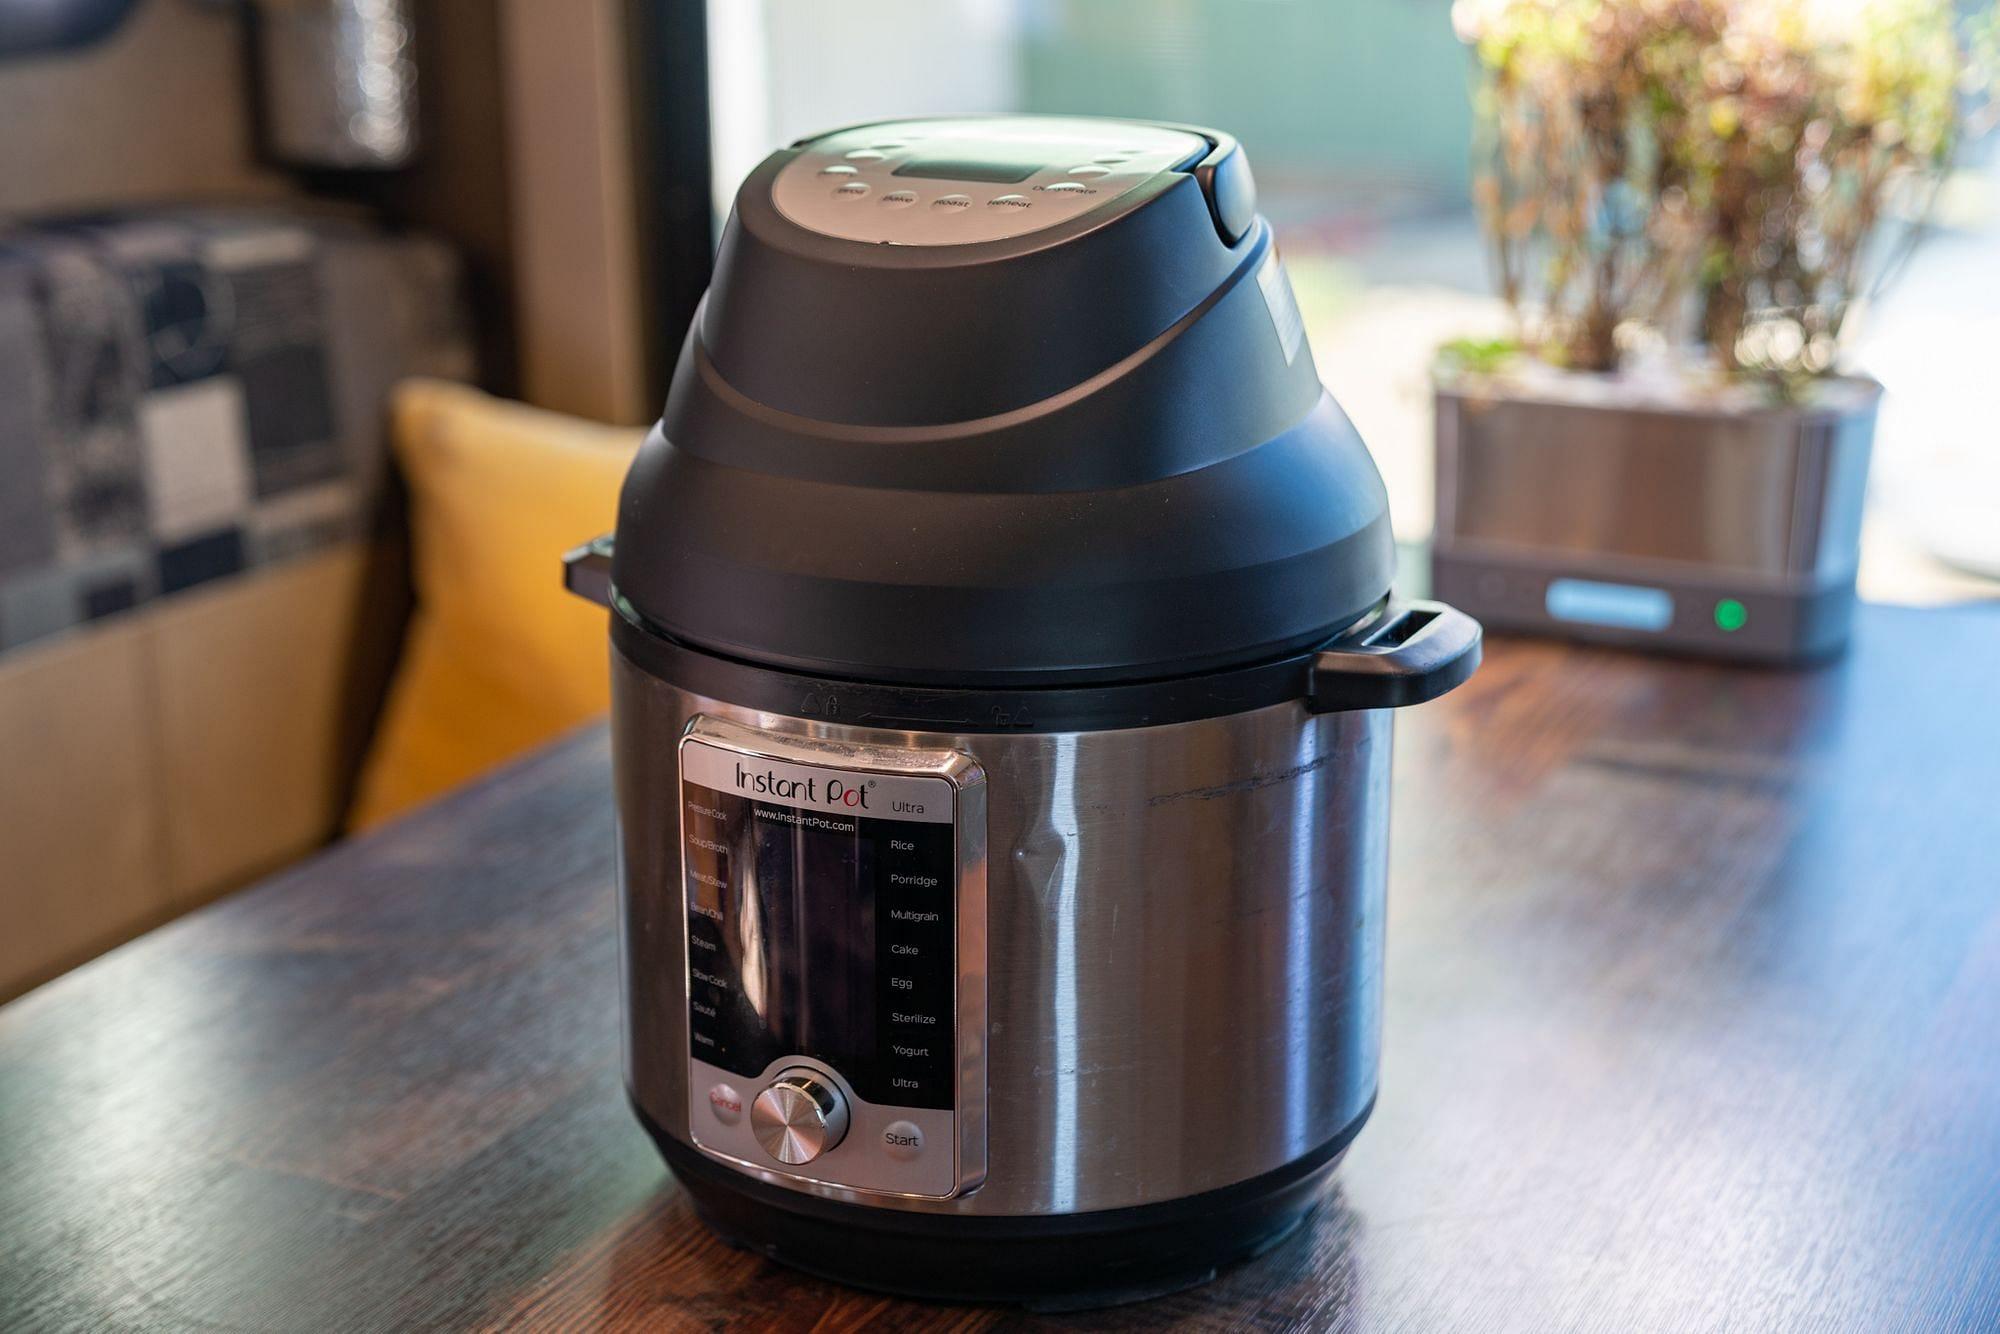 Instant Pot Air Fryer Lid: Unboxing & Review